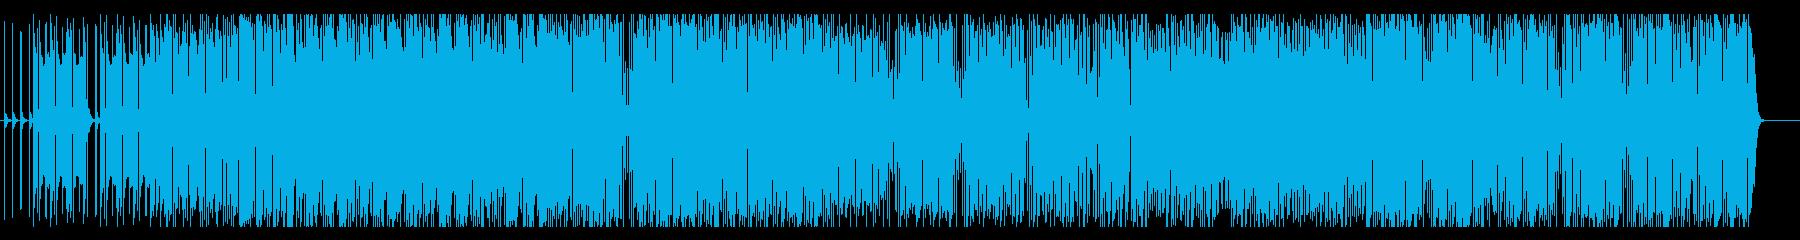 伝統的なジャズ ビバップ 劇的な ...の再生済みの波形